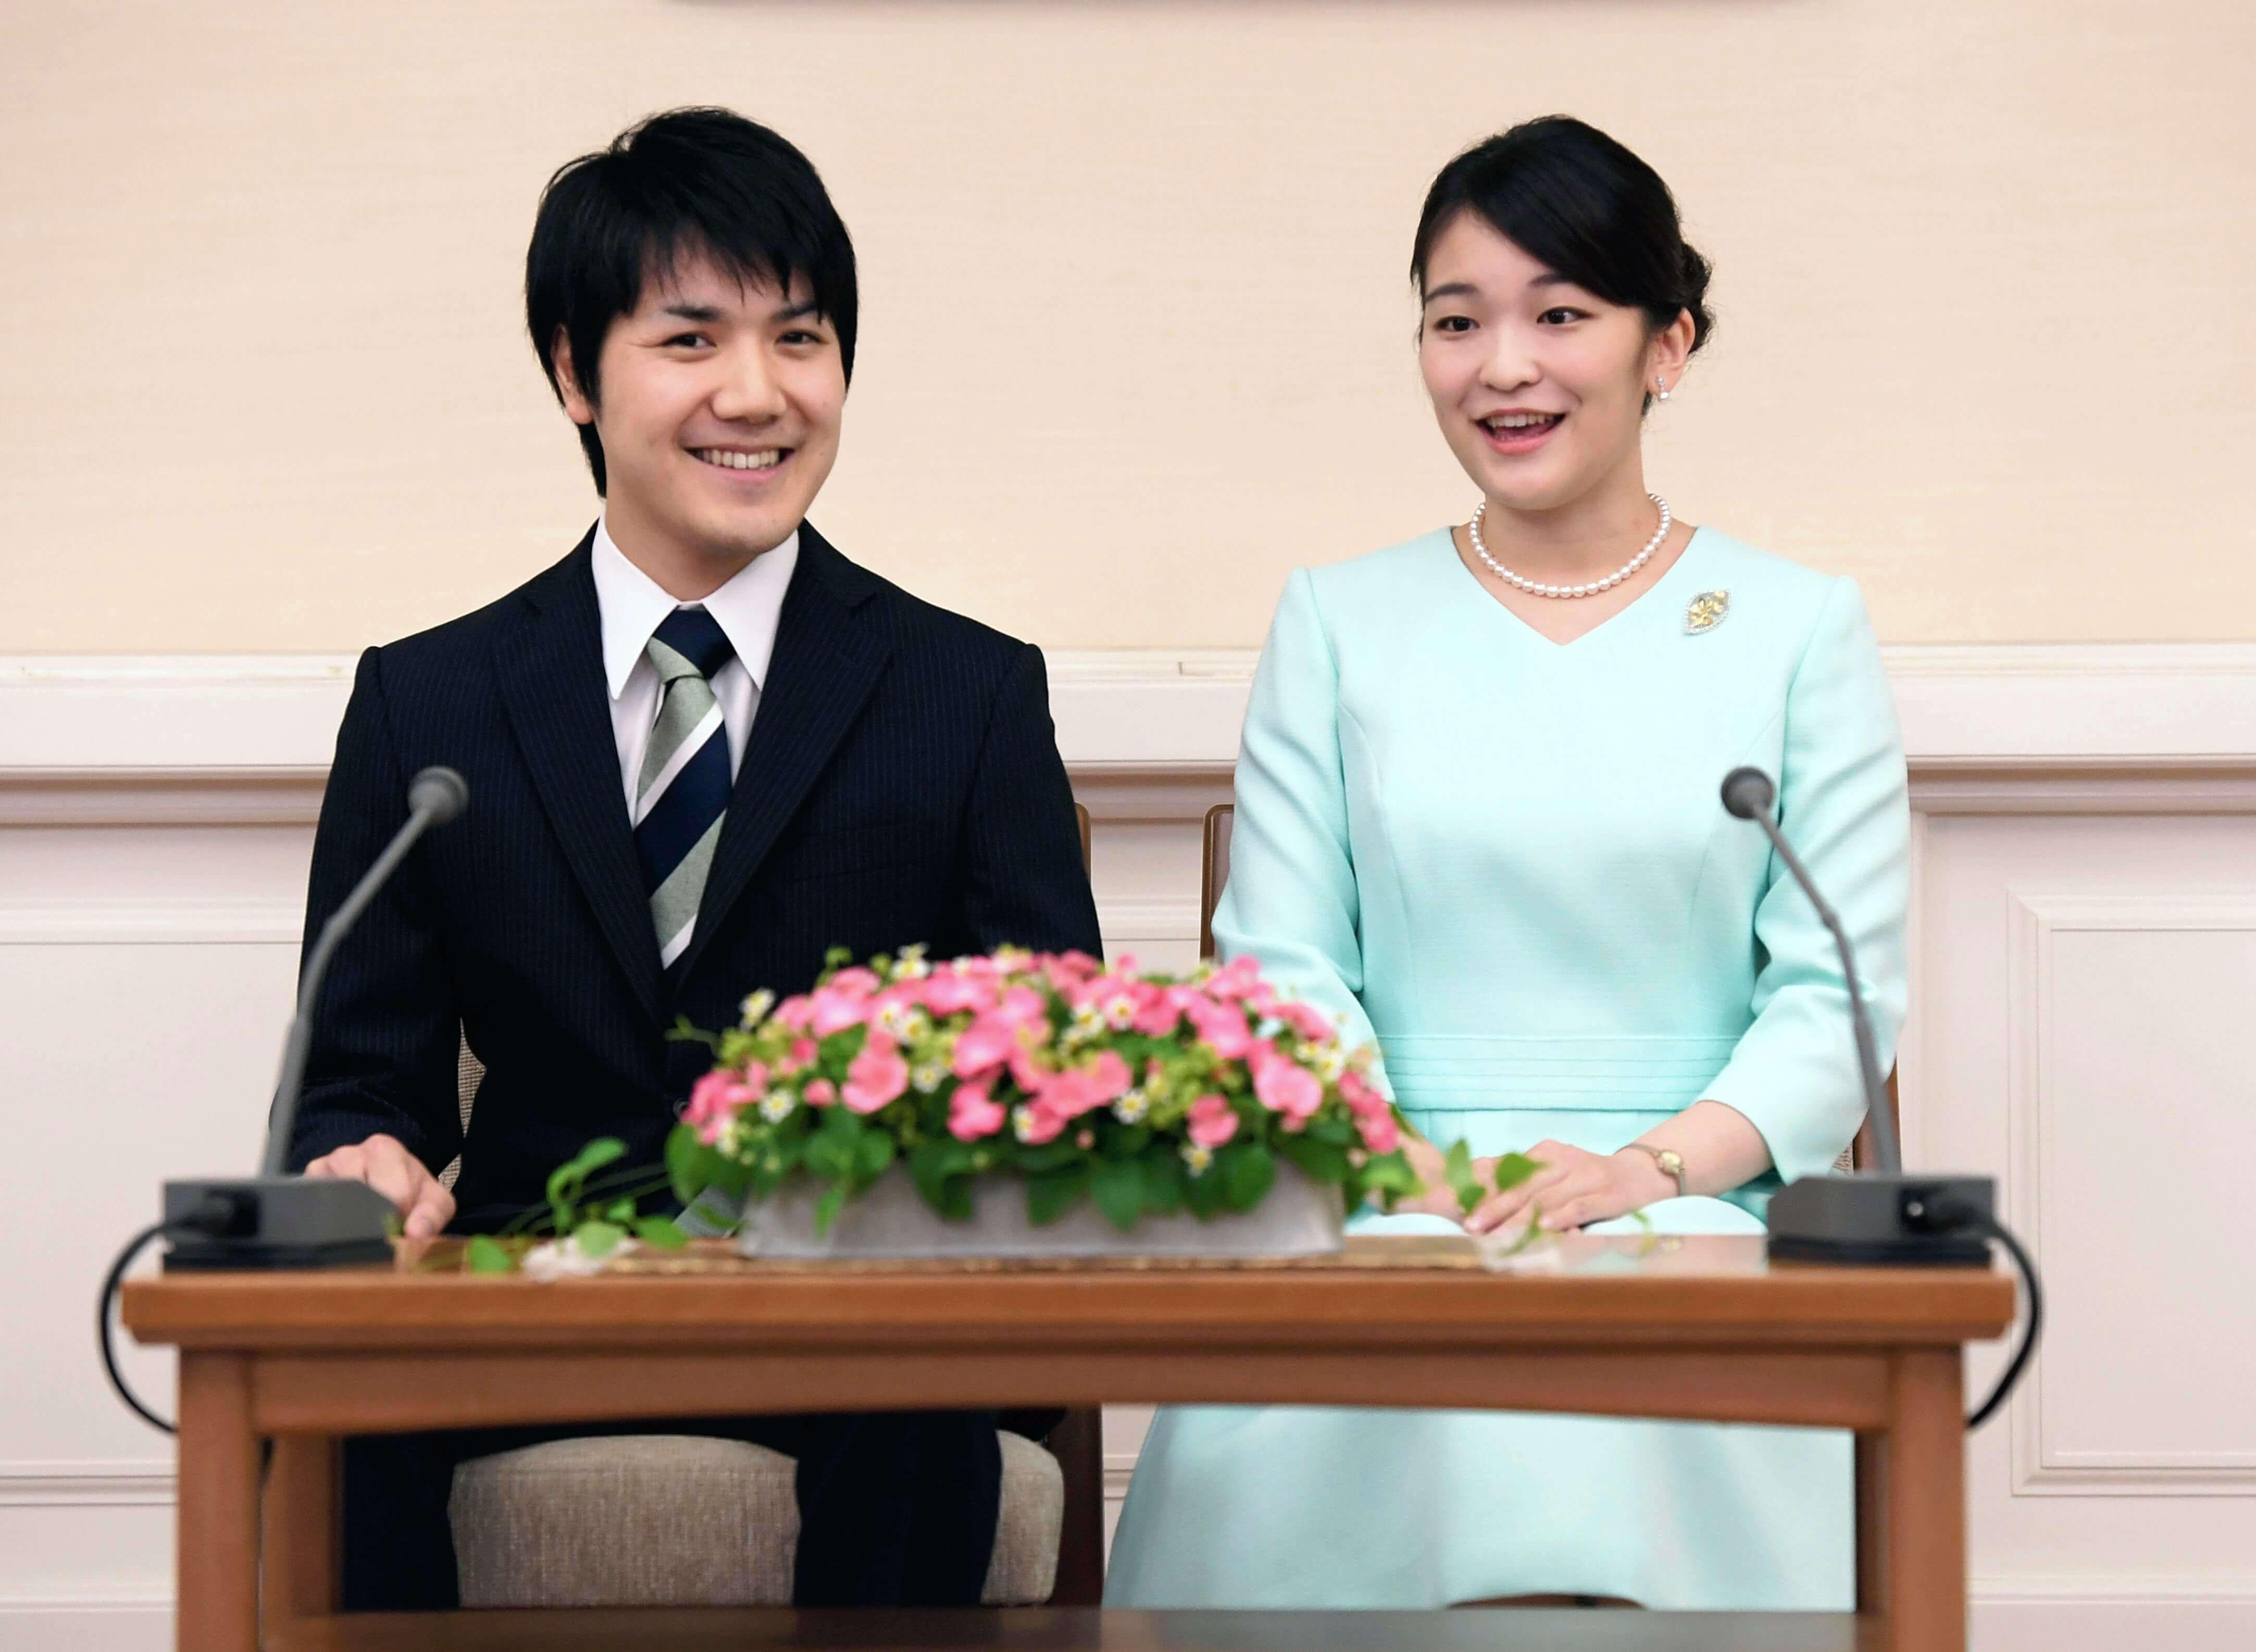 Prinzessin-Mako-Kei-Komuro-k-mpft-um-ihre-Hochzeit